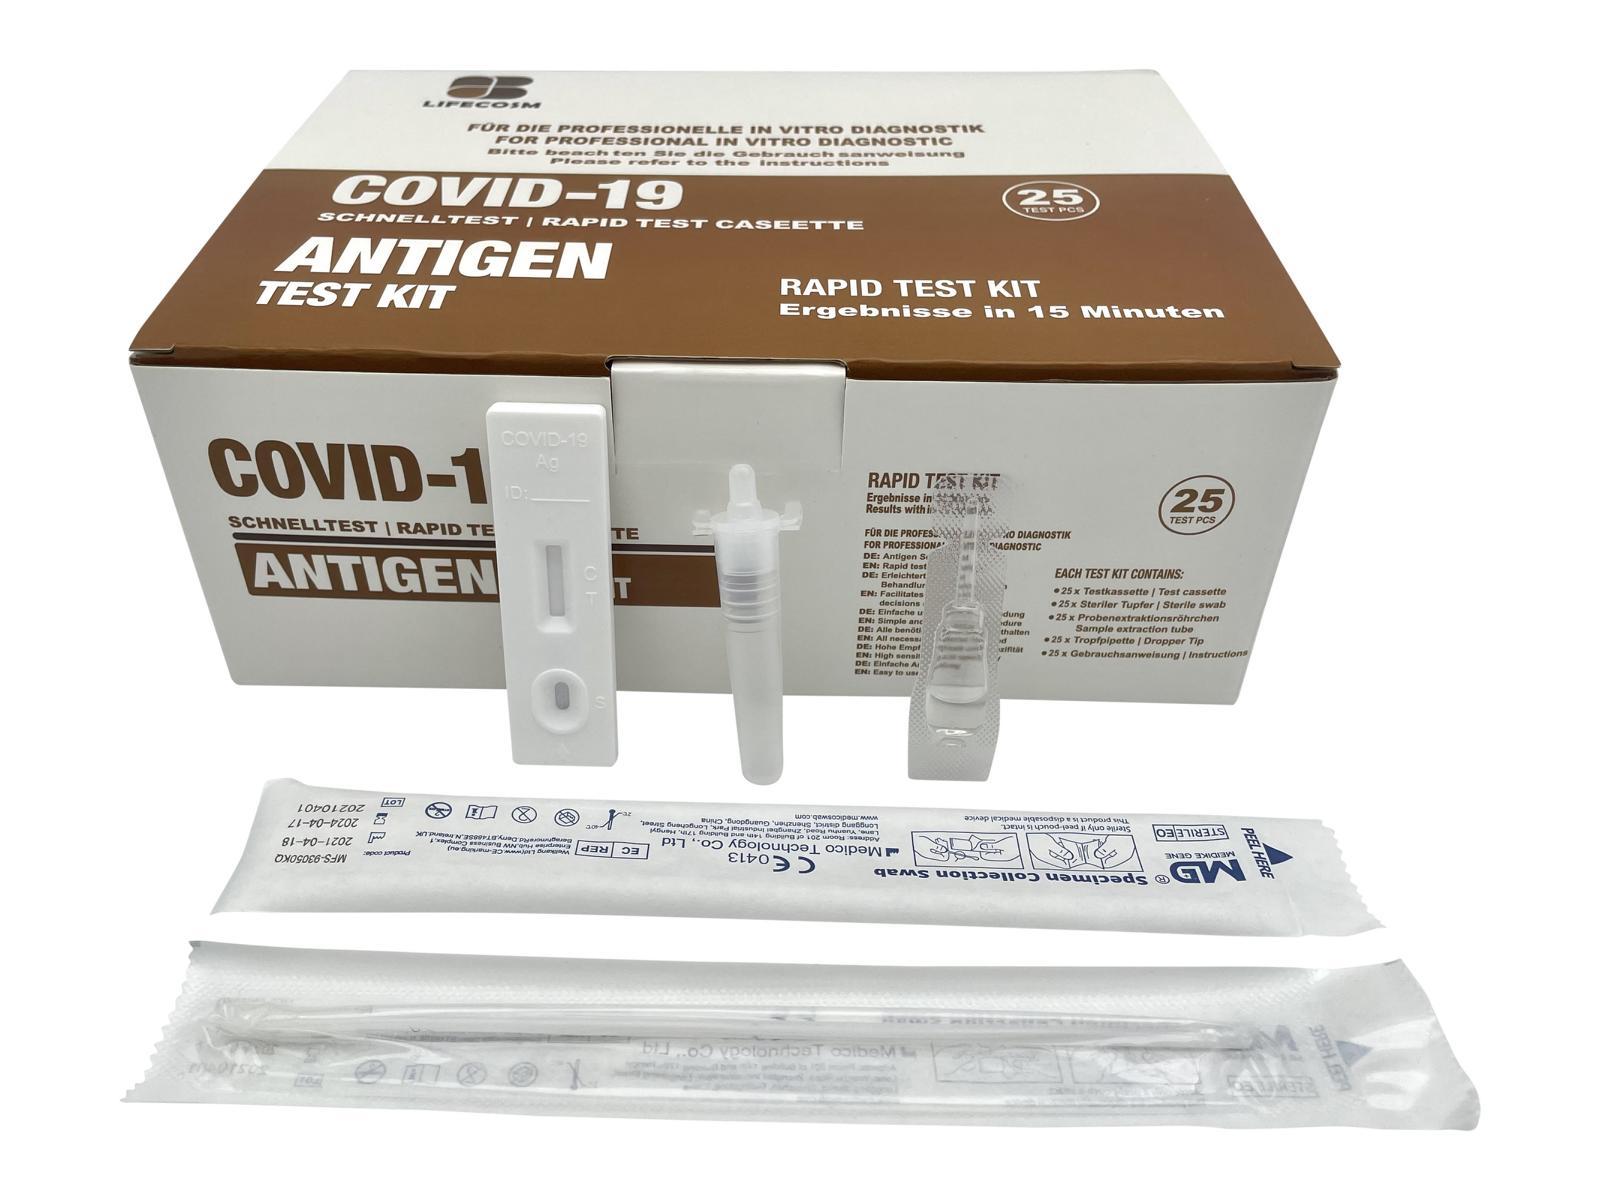 Antigen-Schnelltest COVID-19 Nasenabstrichtest LIFECOSM - 25 Stück - SARS-CoV-2